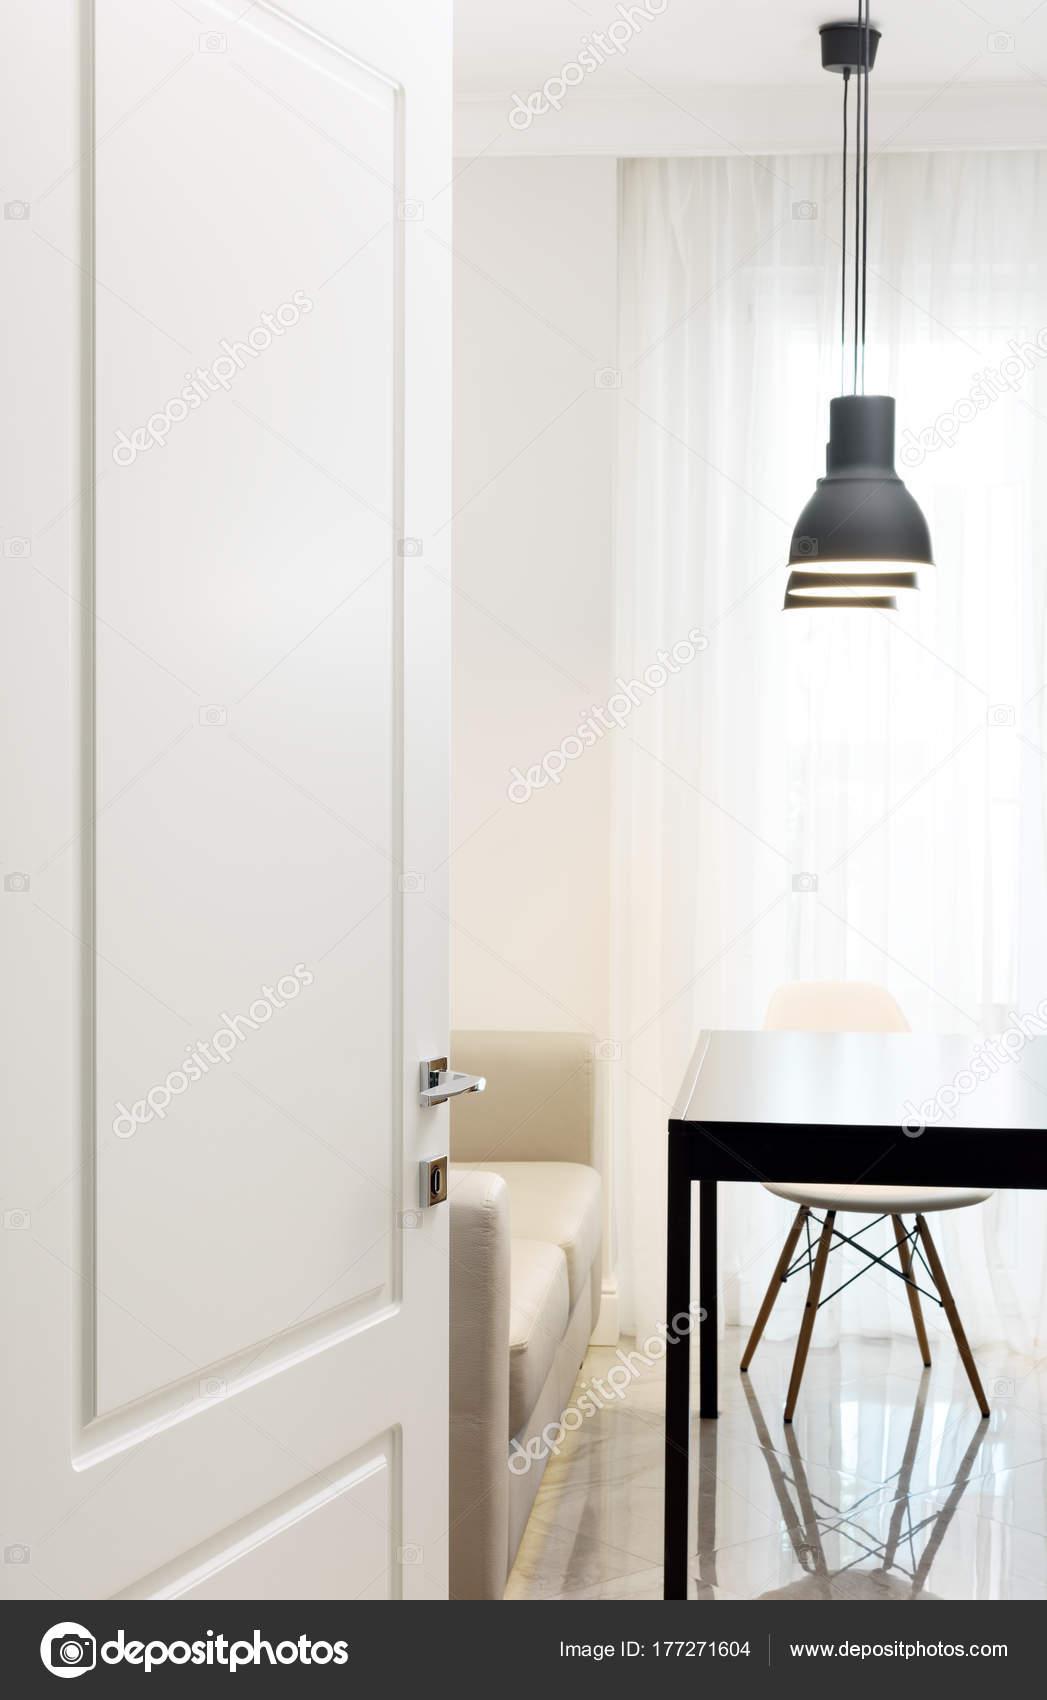 Die Weiße Tür In Den Raum. Modern Und Hell Eingerichtet. Schwarz,  Schreibtisch, Stuhl Und Sofa U2014 Foto Von Bakulov